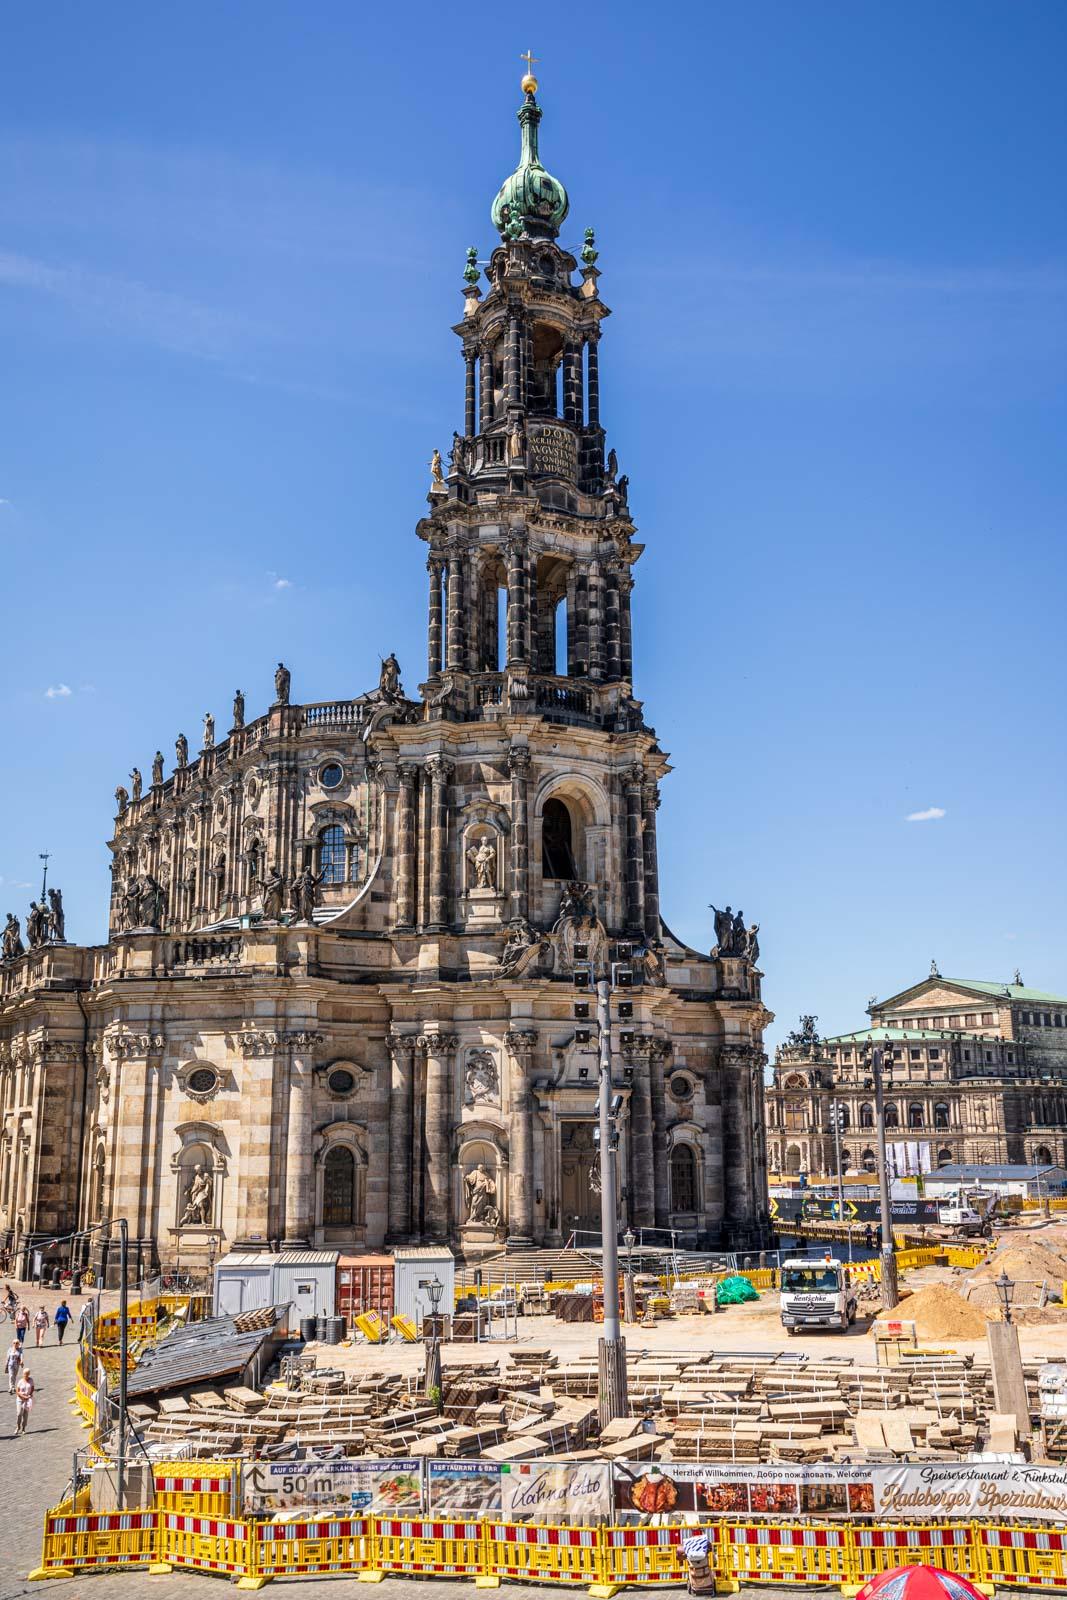 Deutschland, Dresden, Europa, Europe, Frühling, Germany, Location, Ort, Sachsen, Saxony, Spring, Urlaub, Vaccation